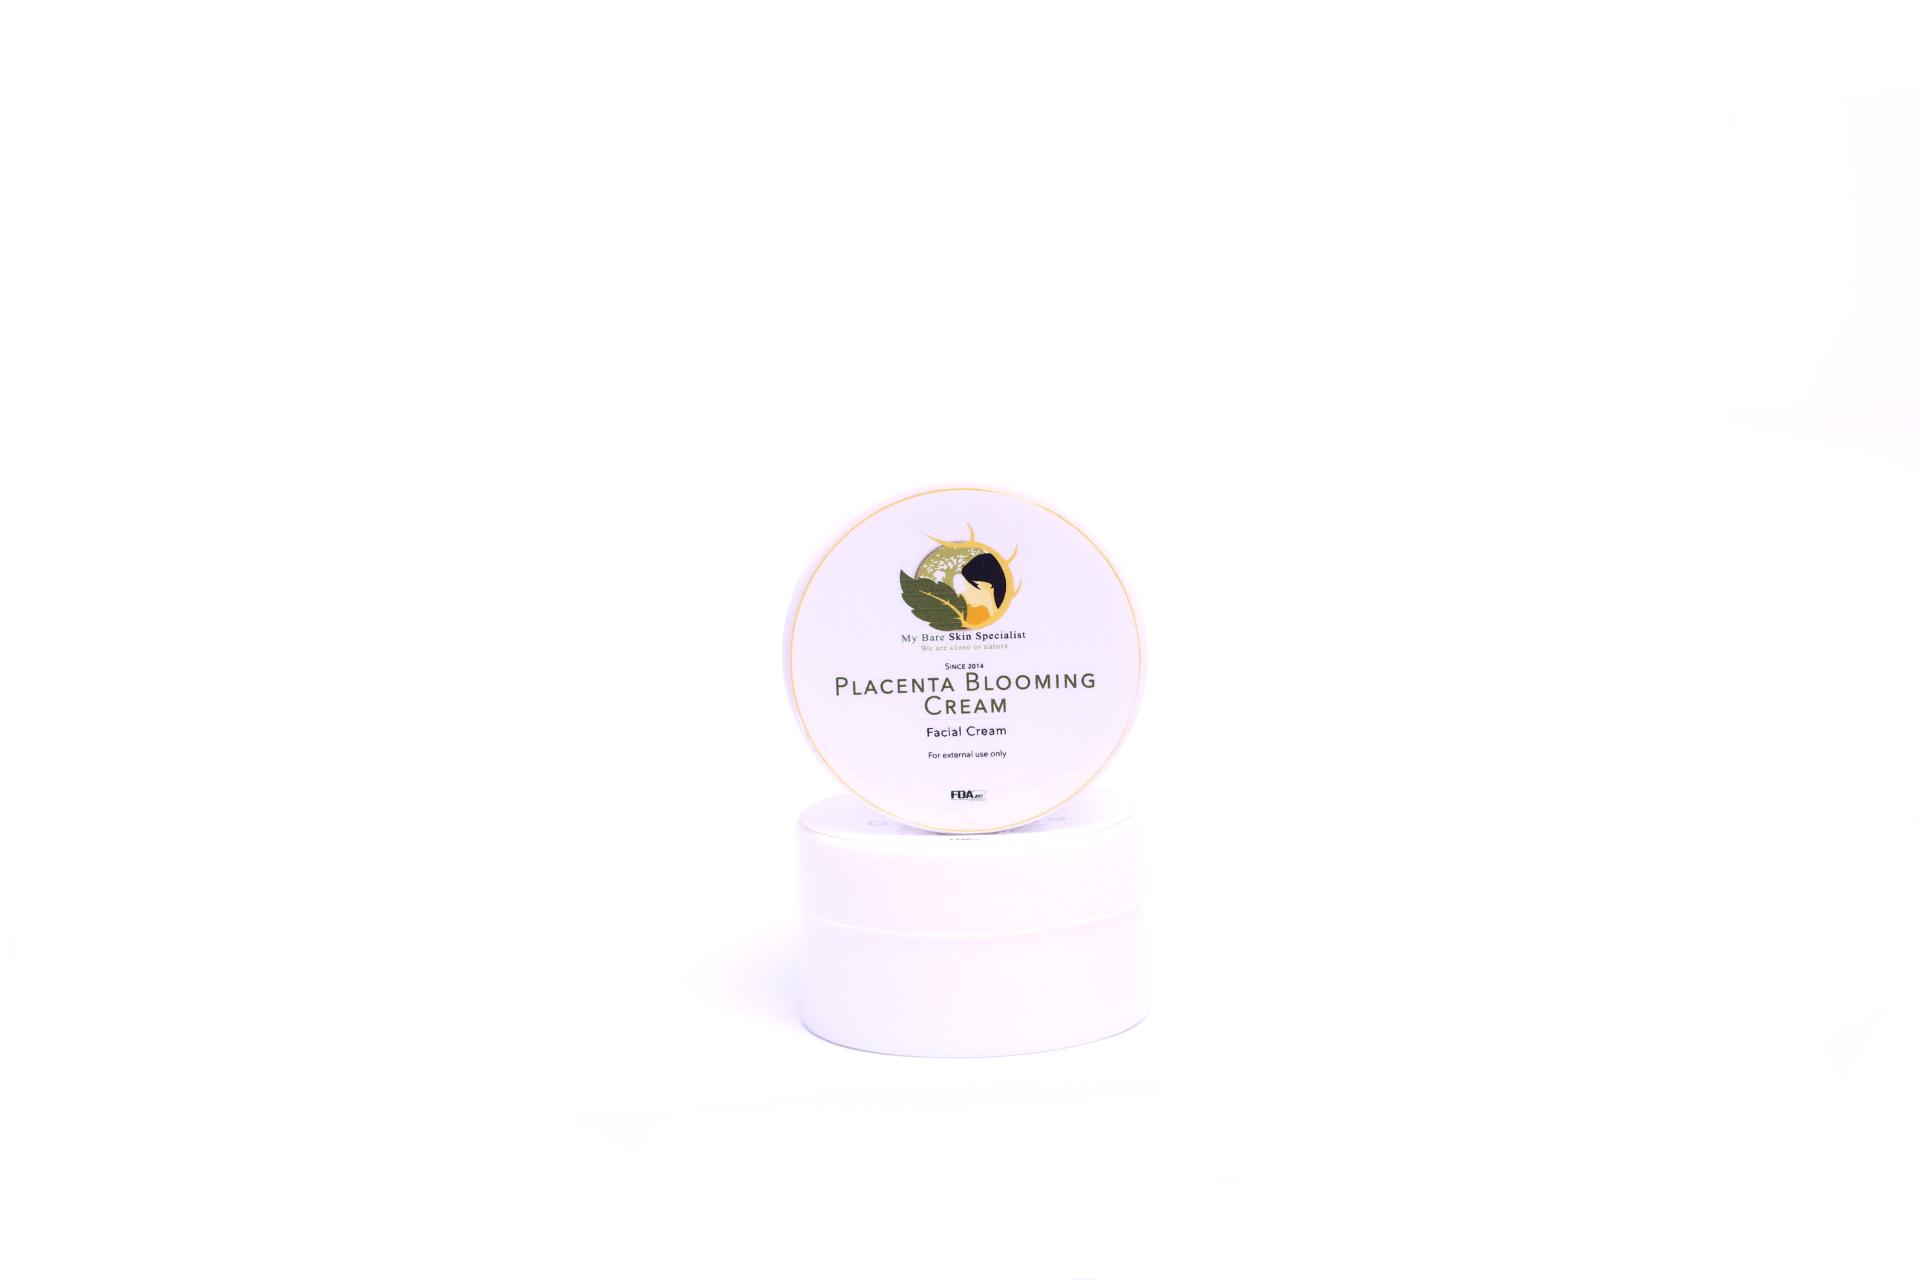 Placenta Blooming Cream